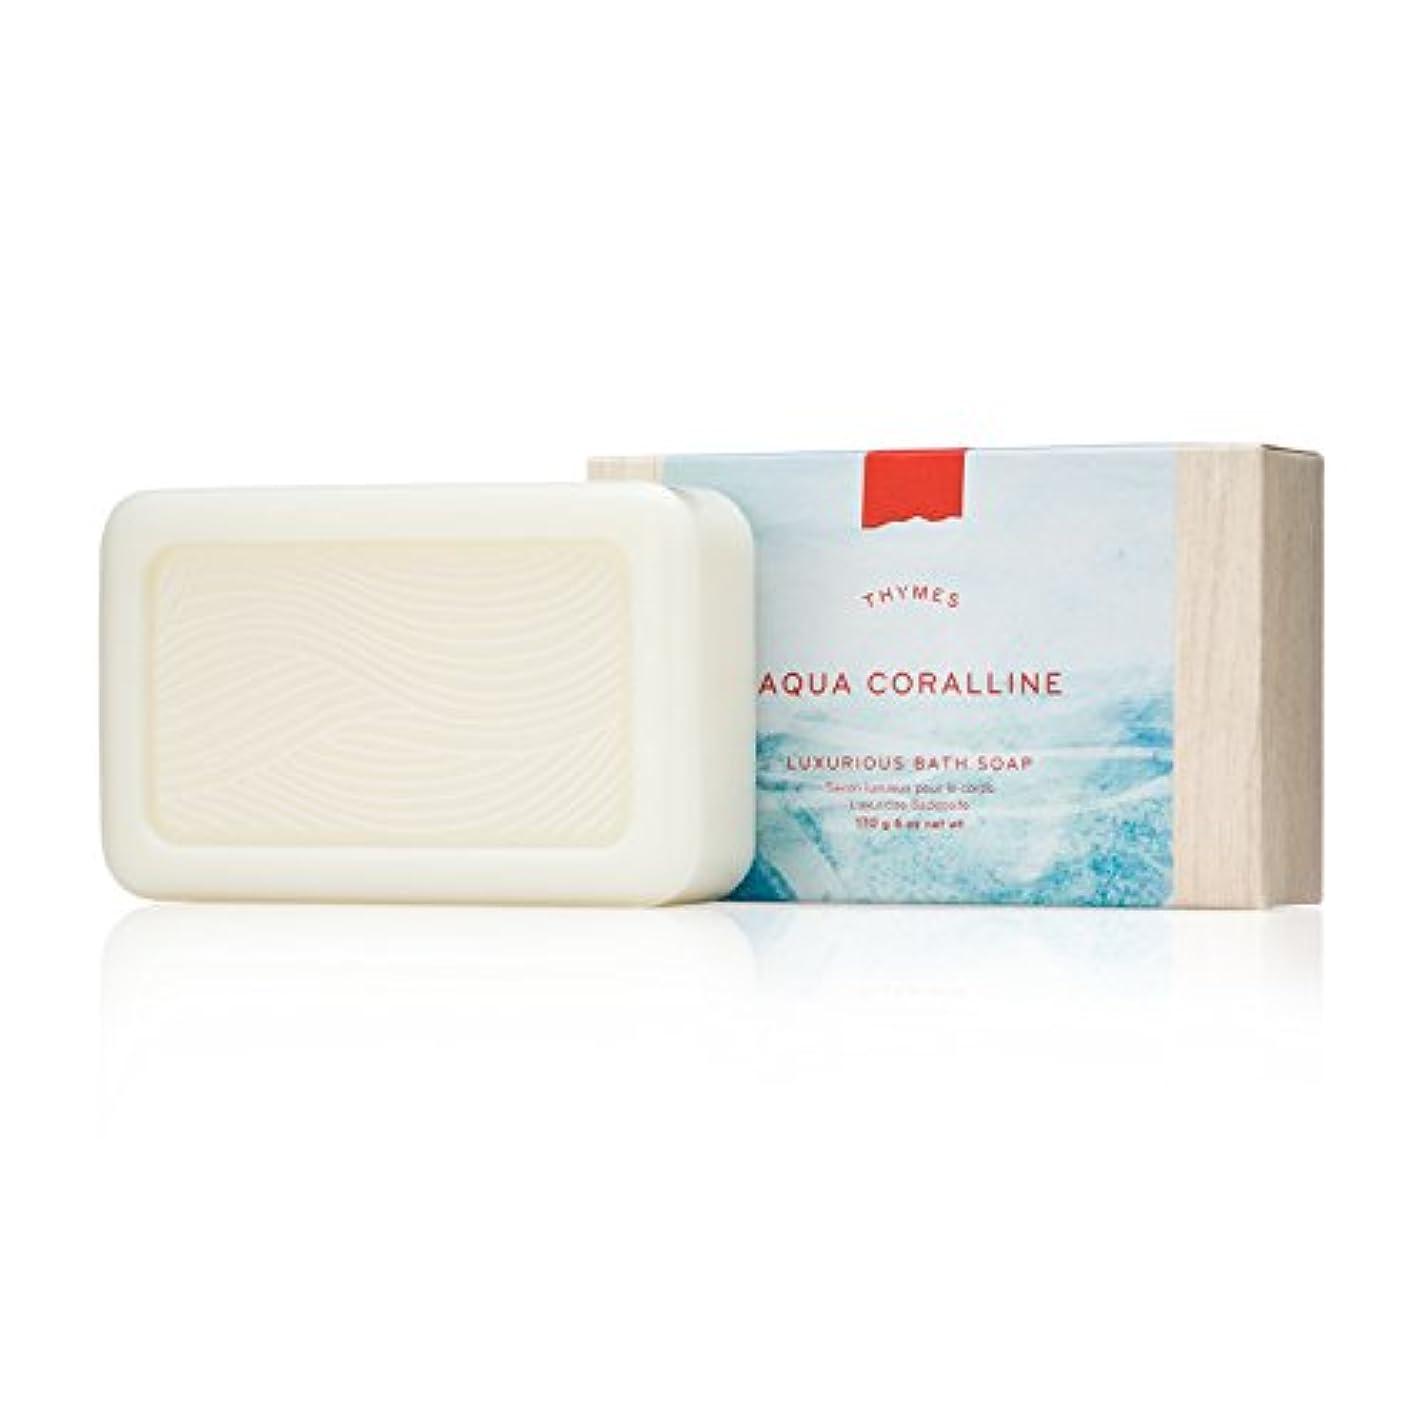 音声集団的ホームタイムズ Aqua Coralline Luxurious Bath Soap 170g/6oz並行輸入品